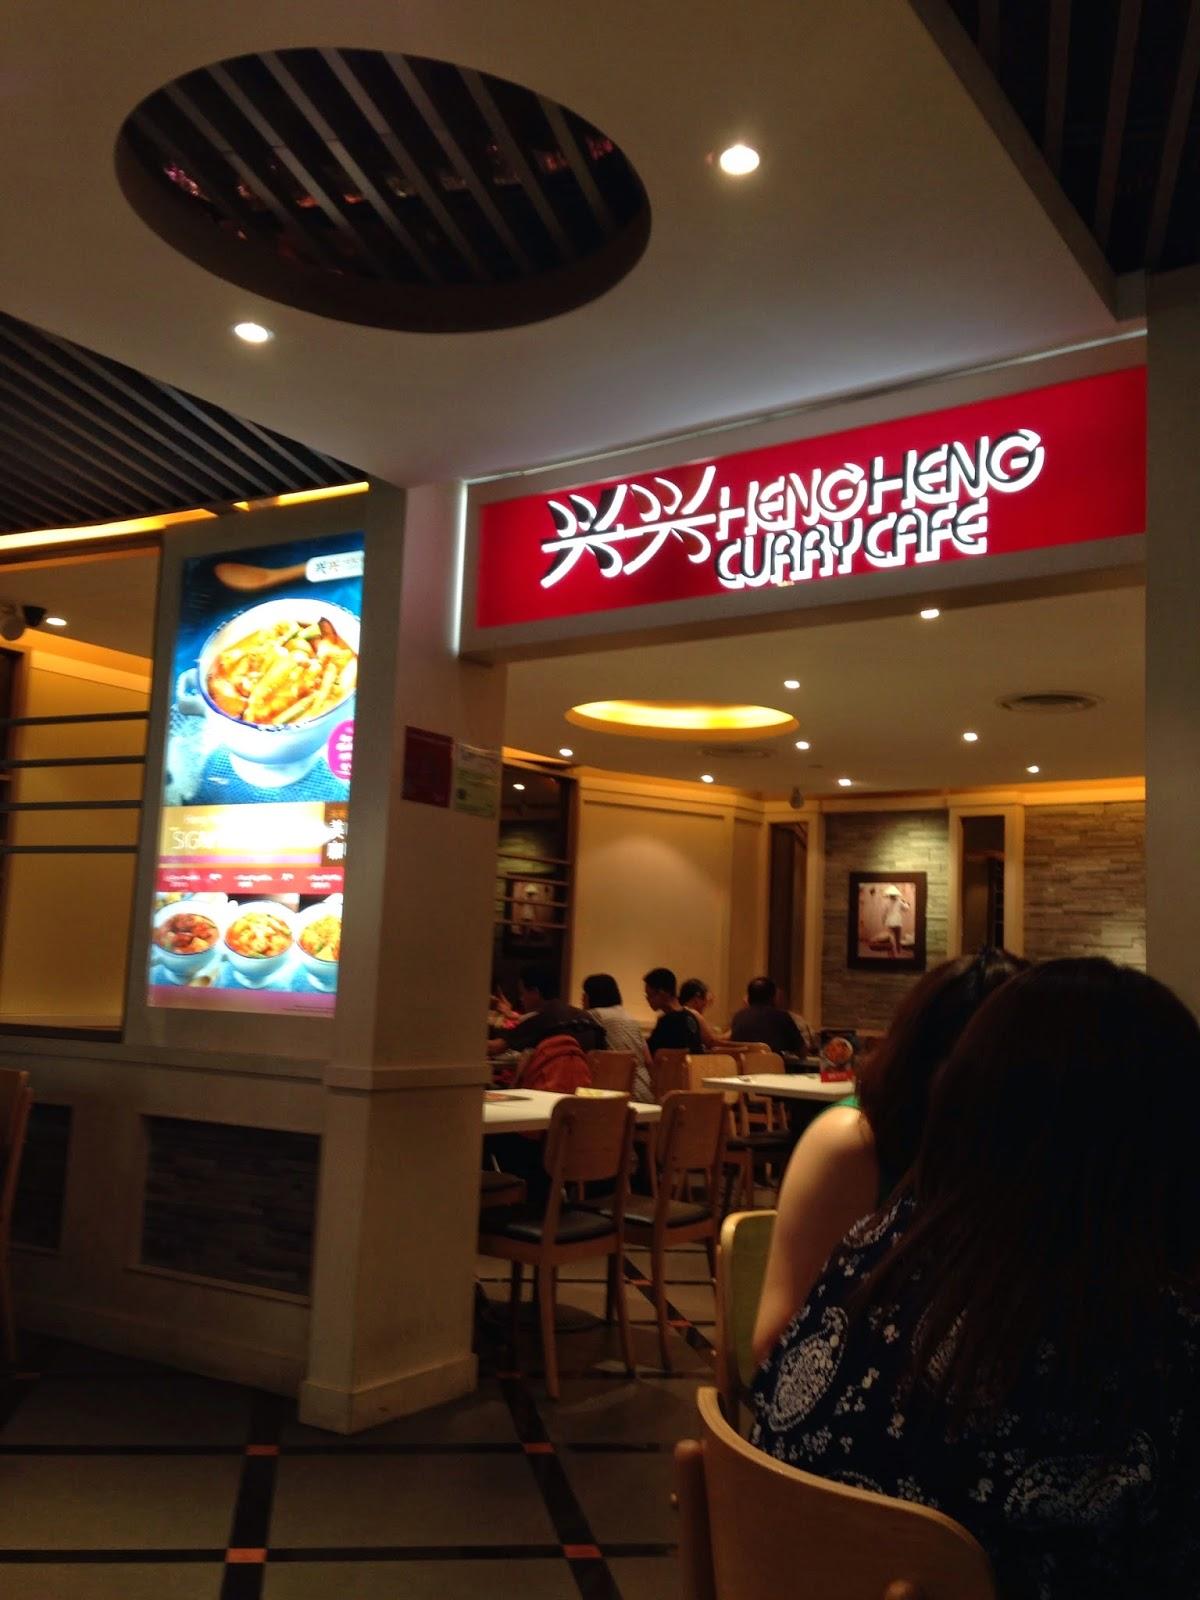 Heng Heng Curry Cafe